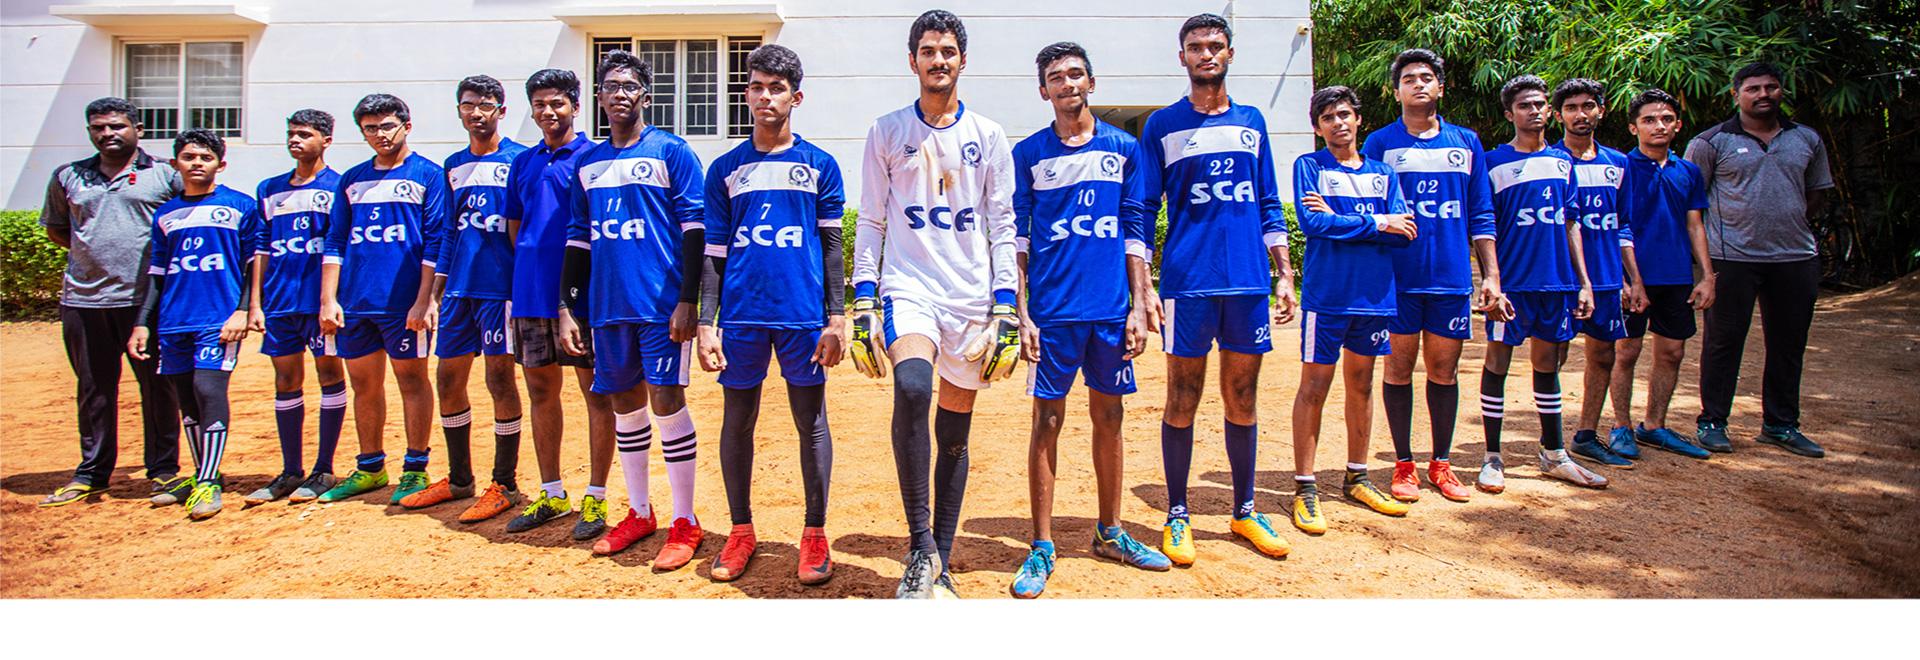 Best CBSE School In Chennai